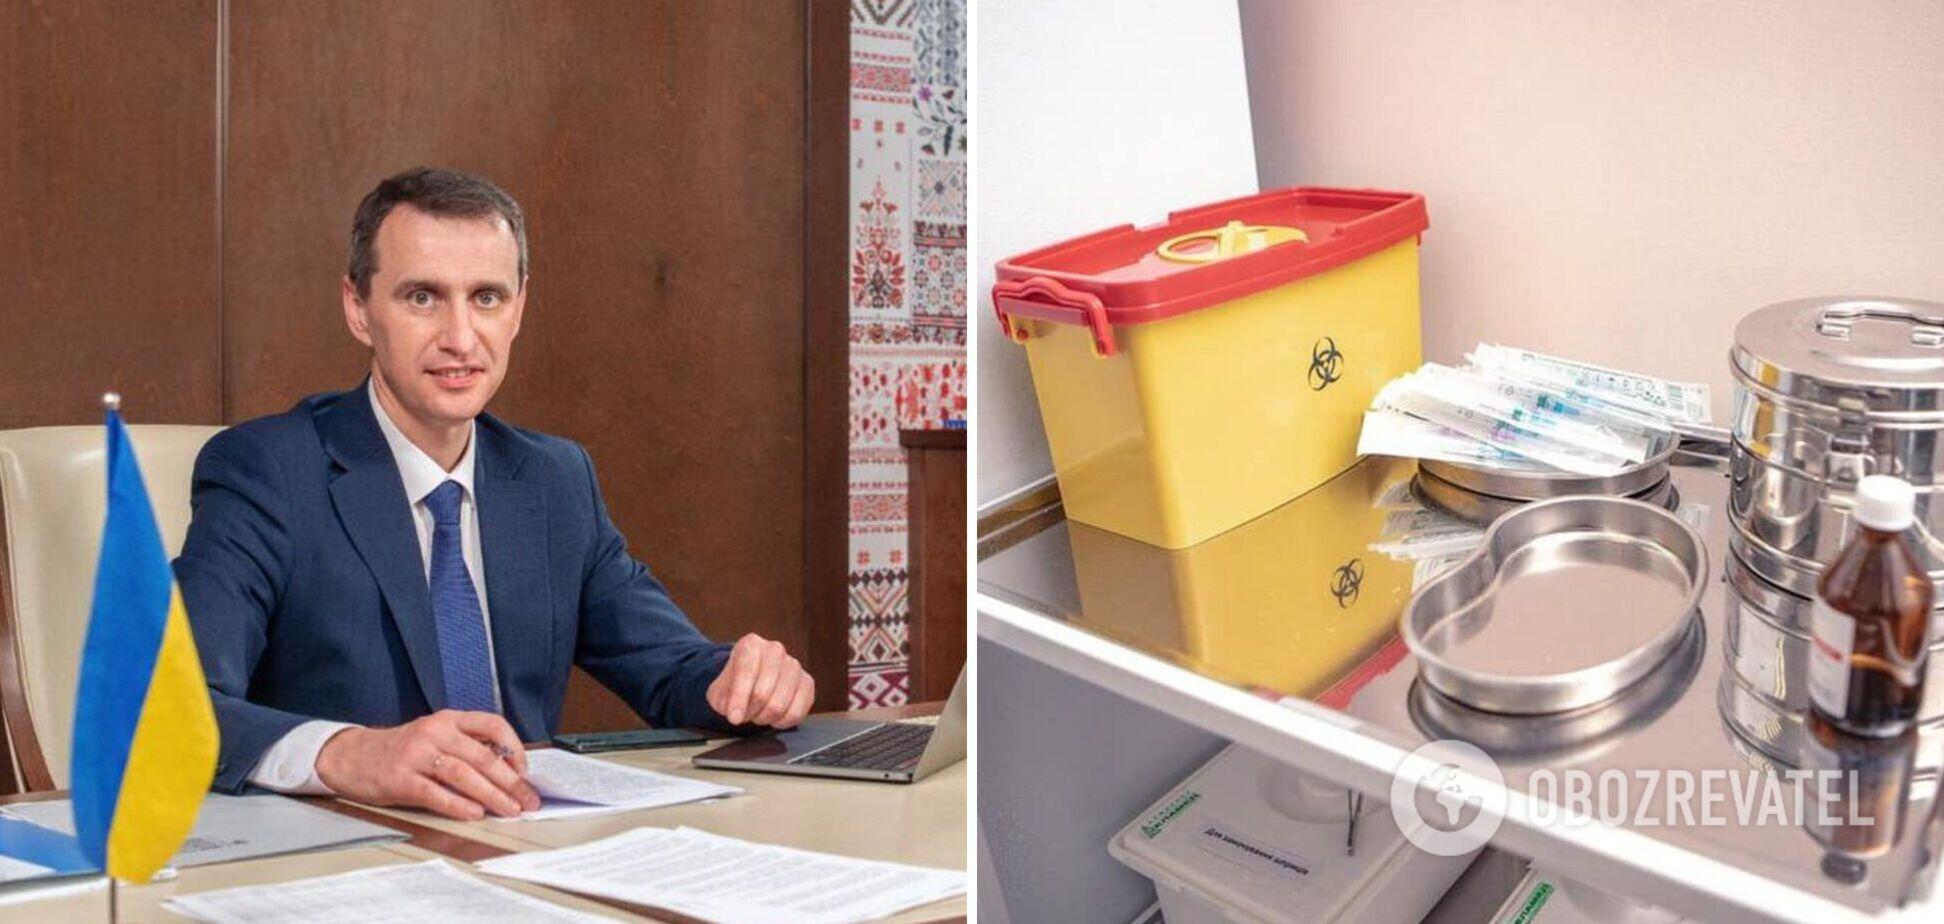 Майже половина пунктів вакцинації в Україні не працює, – Ляшко